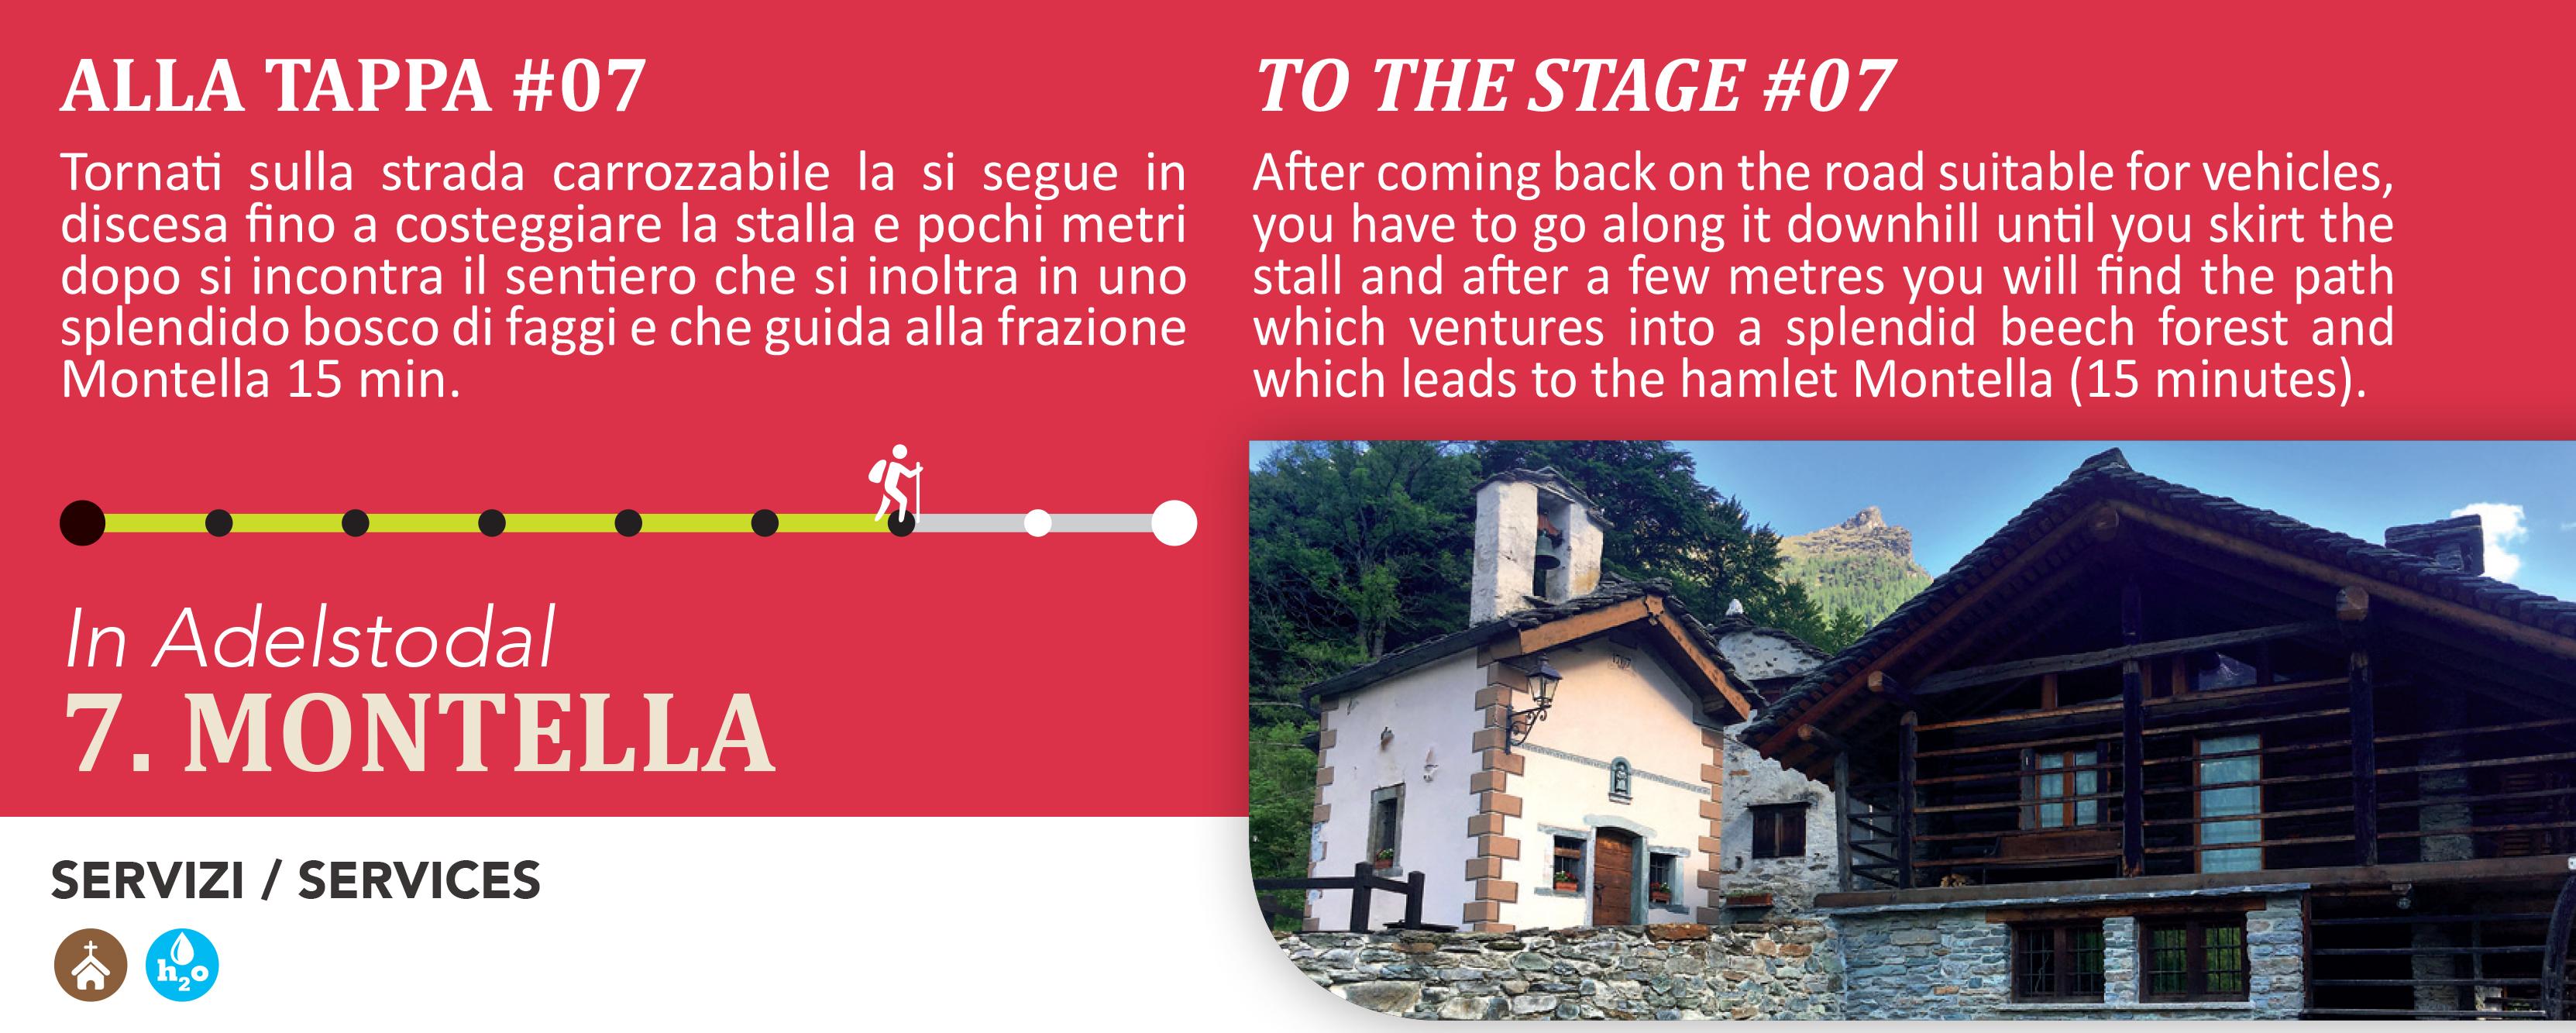 Montella frazione alta di Alagna Valsesia